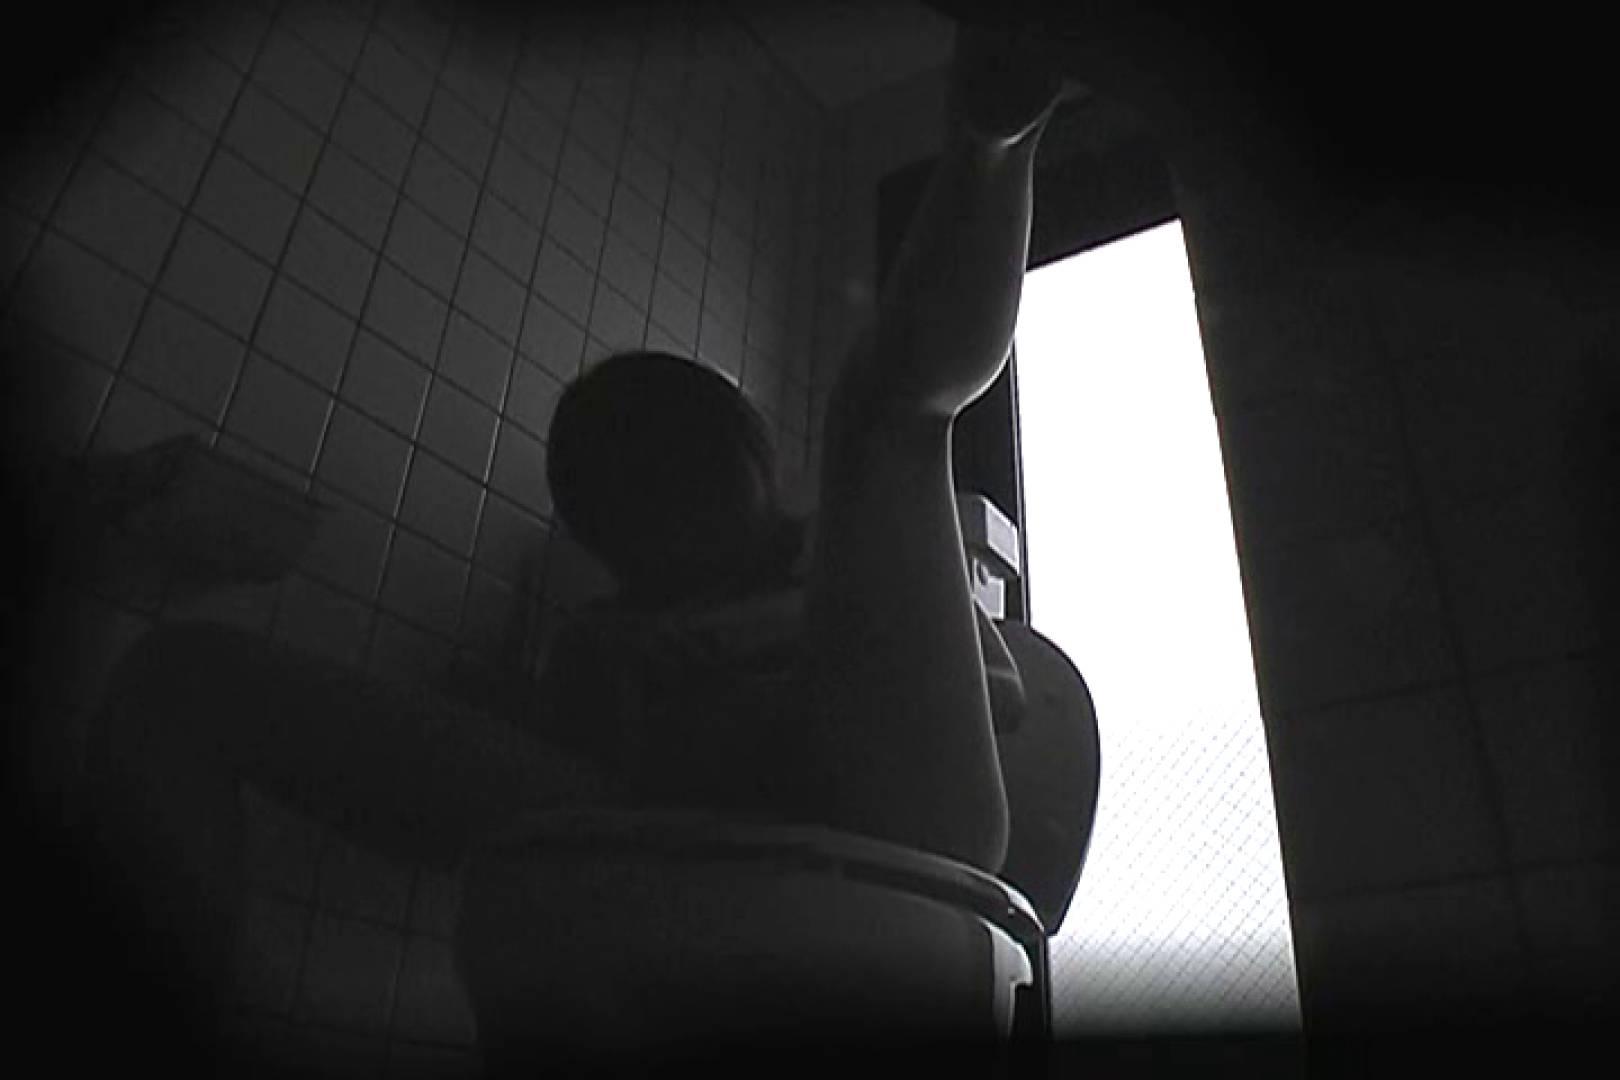 自慰天国女子洗面所Vol.9 熟女のヌード オマンコ動画キャプチャ 85画像 4